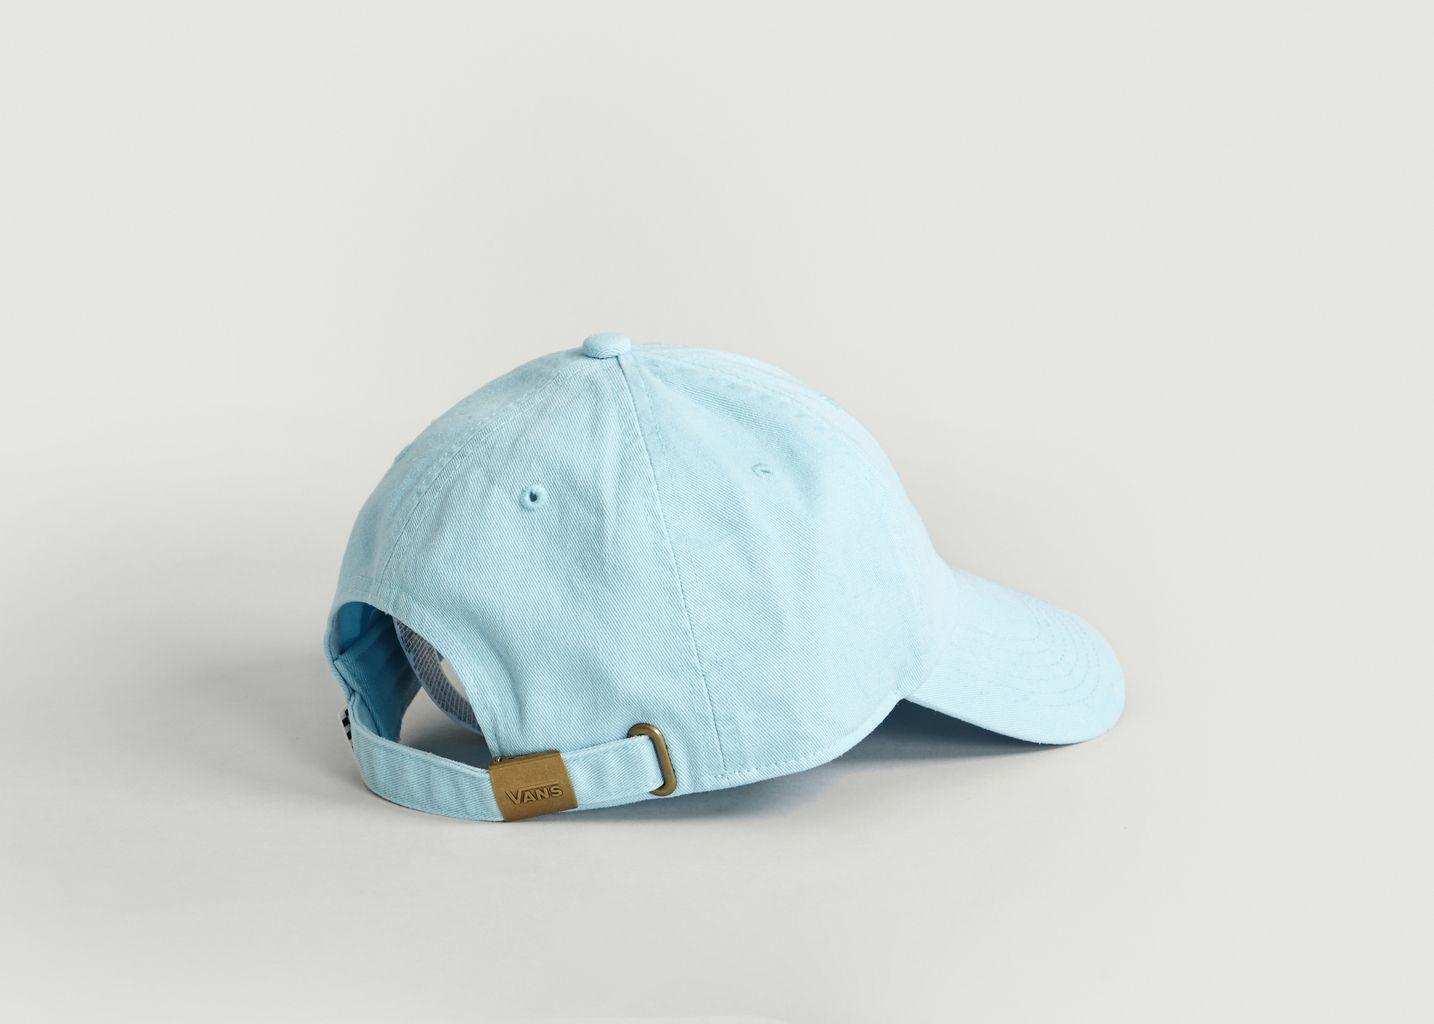 vans casquette femme, le meilleur porte . vente de maintenant